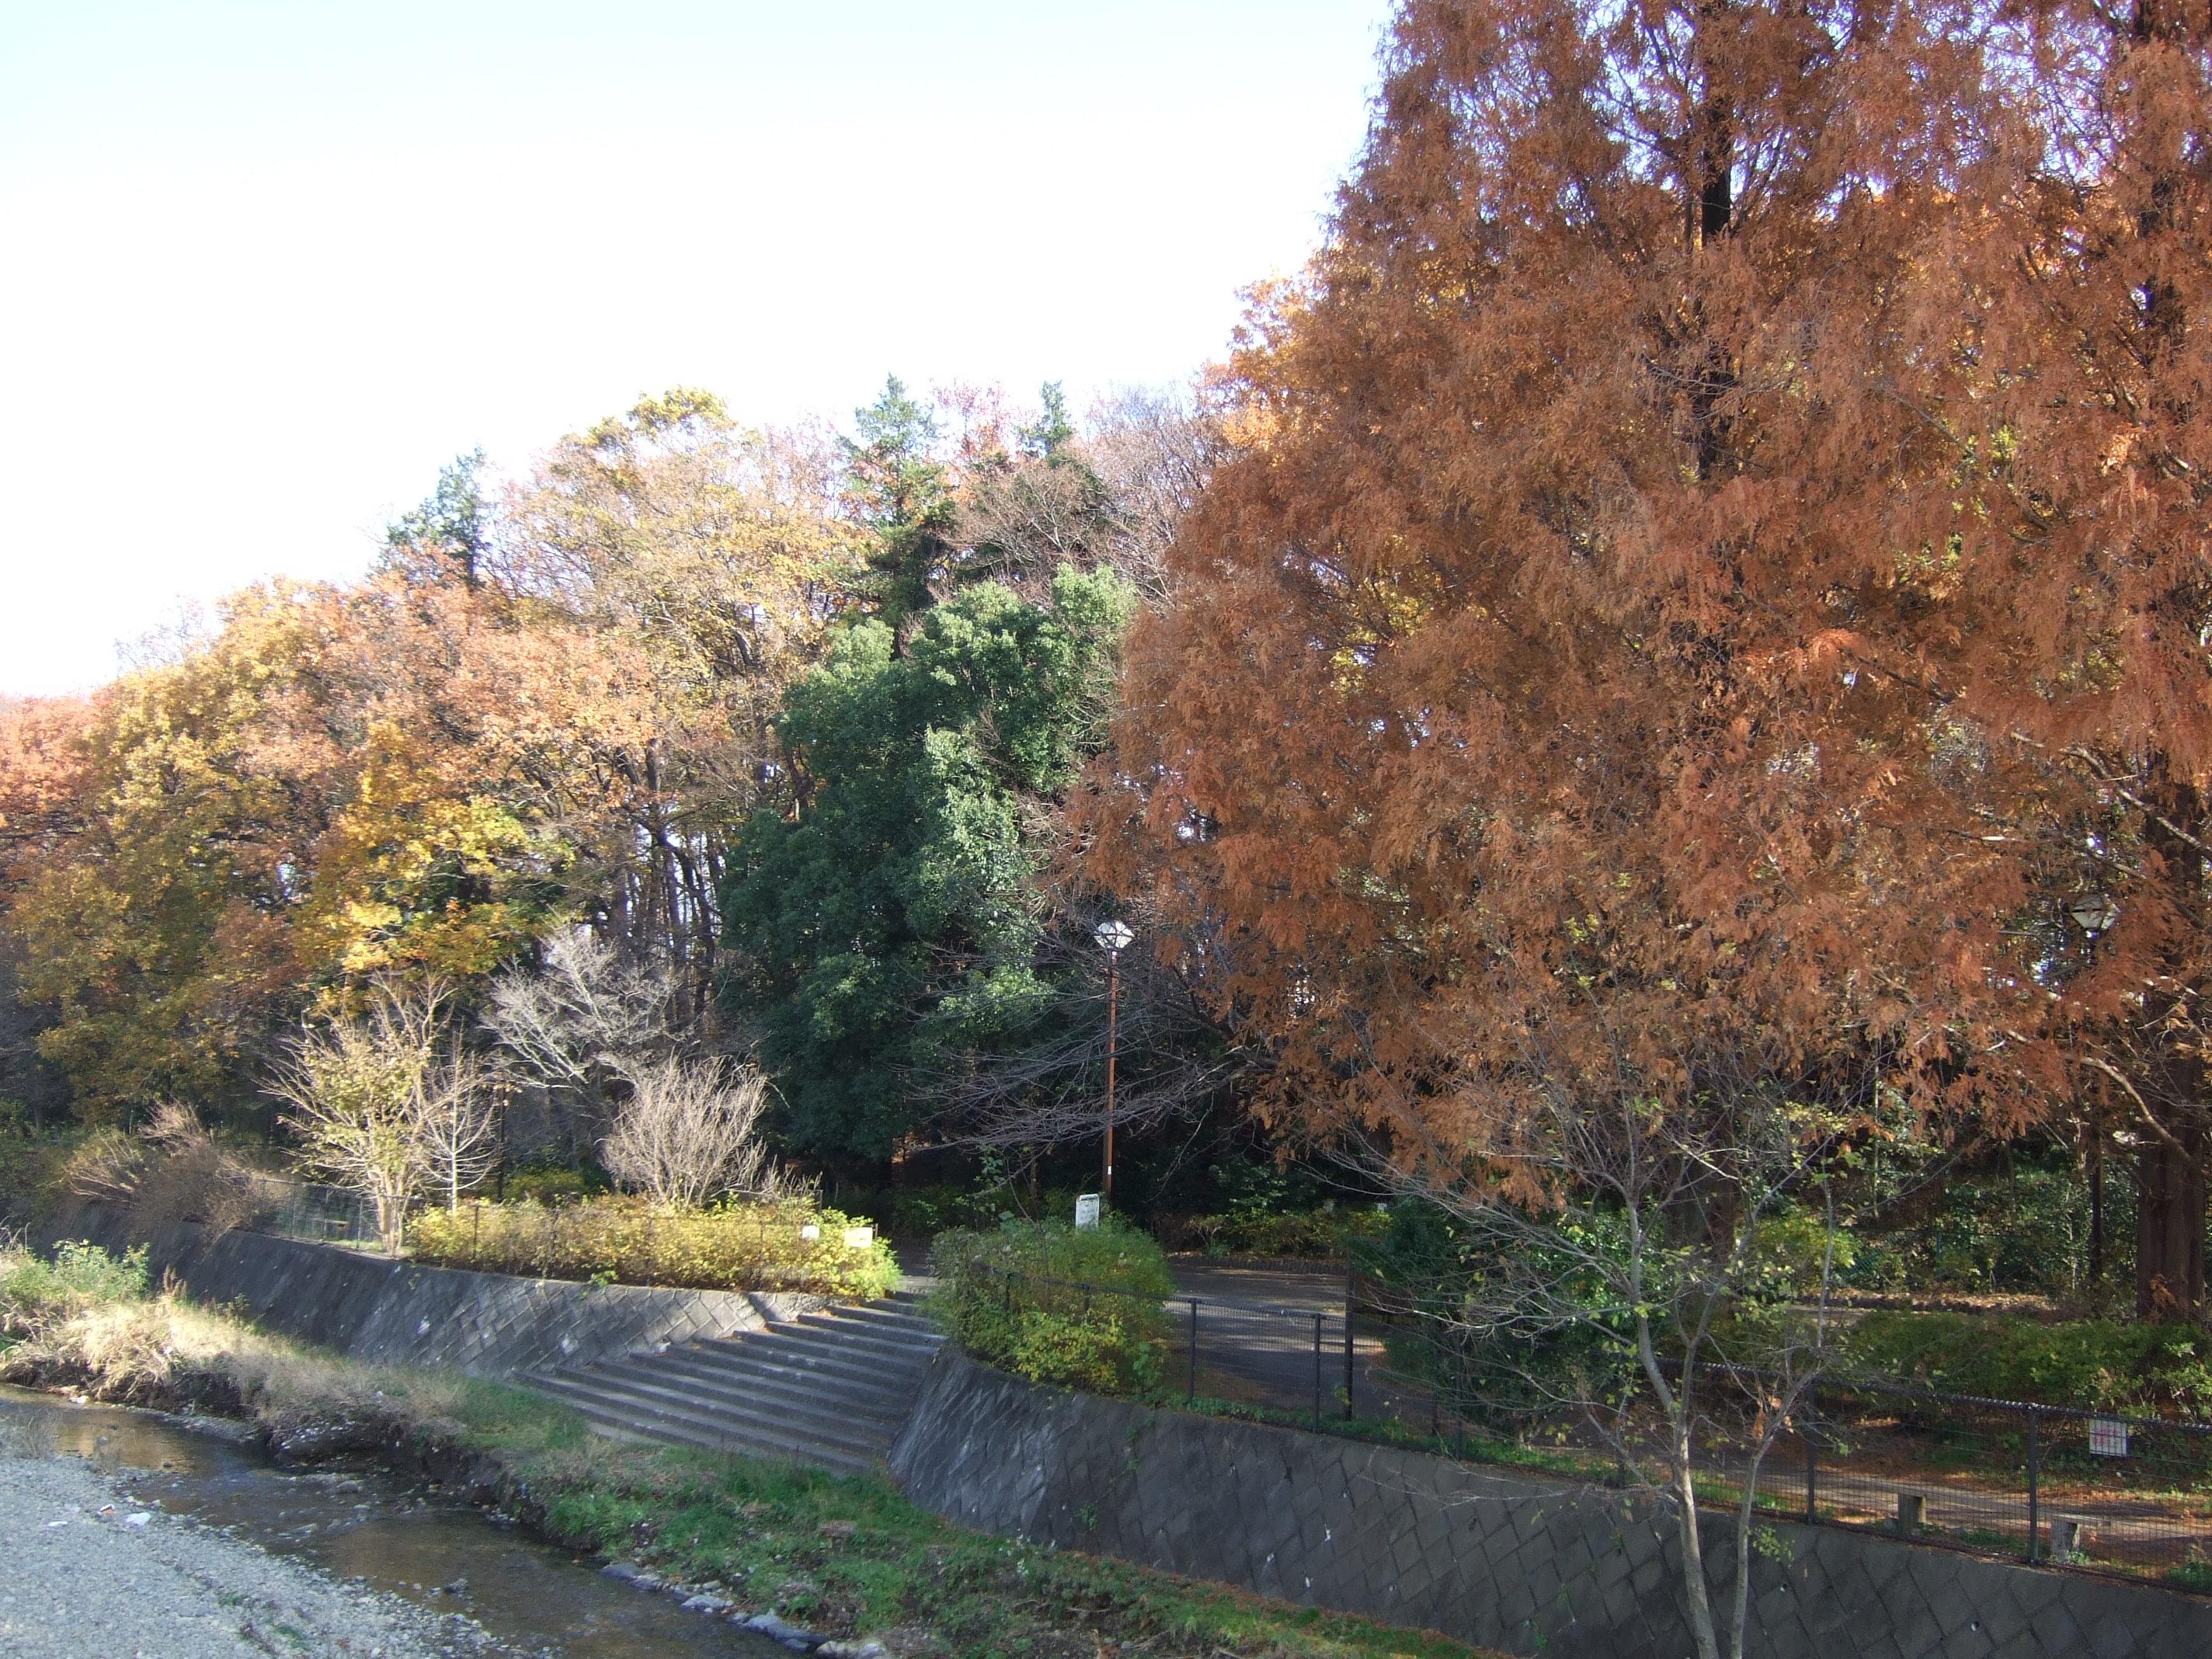 12月中旬とは思えない、遅れた秋の紅葉って感じかな?